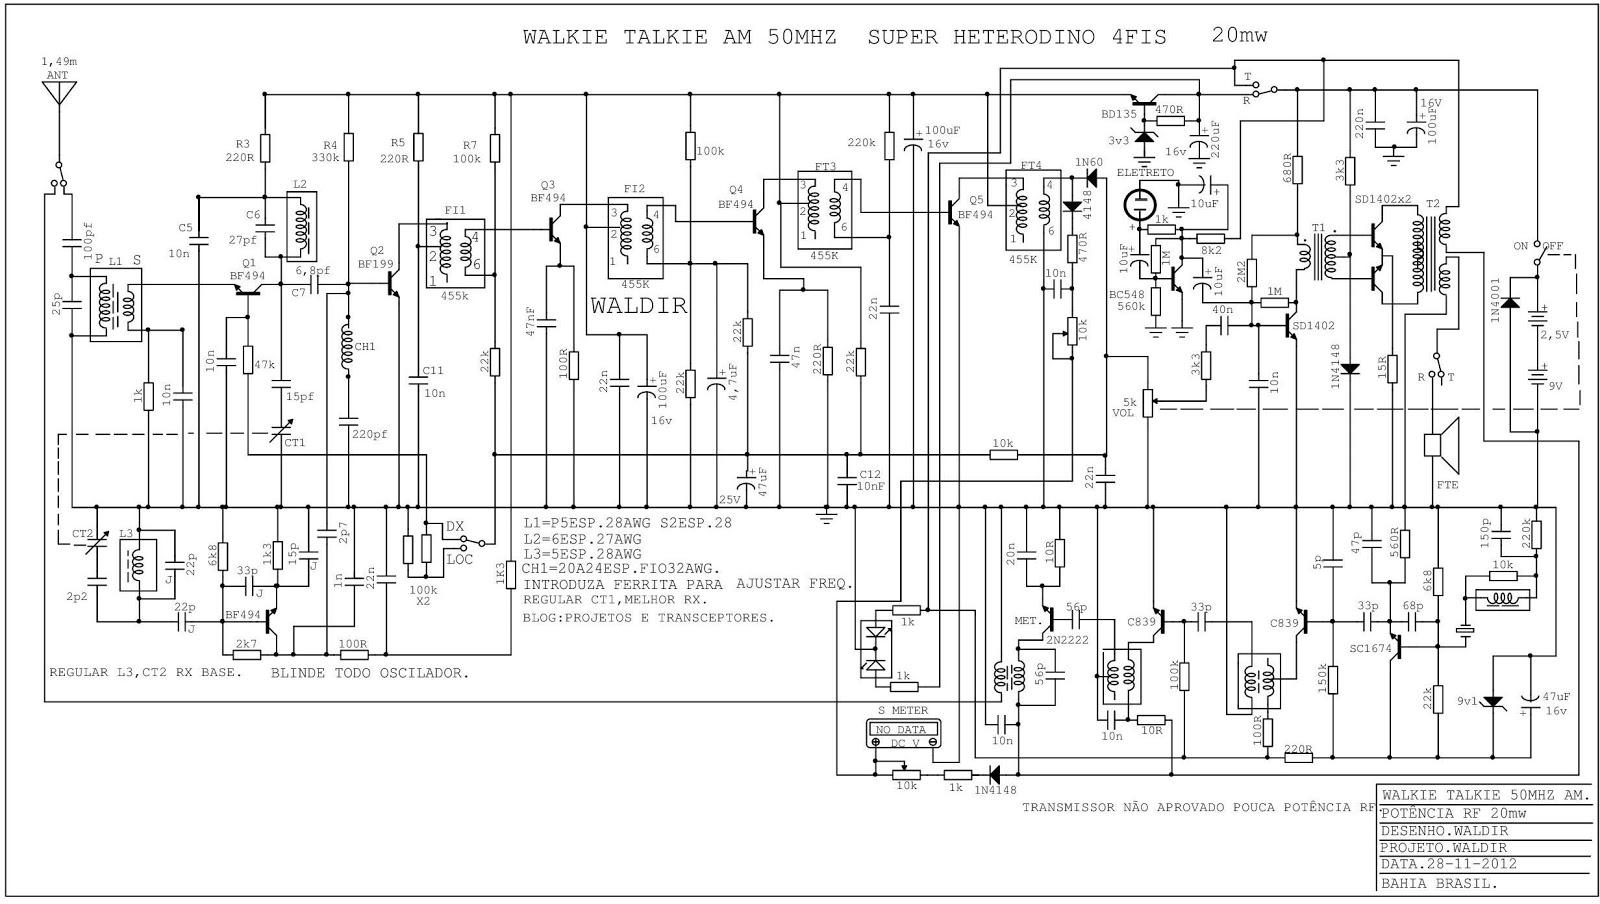 projetos e transceptores   esquemas continua u00e7 u00e3o walkie